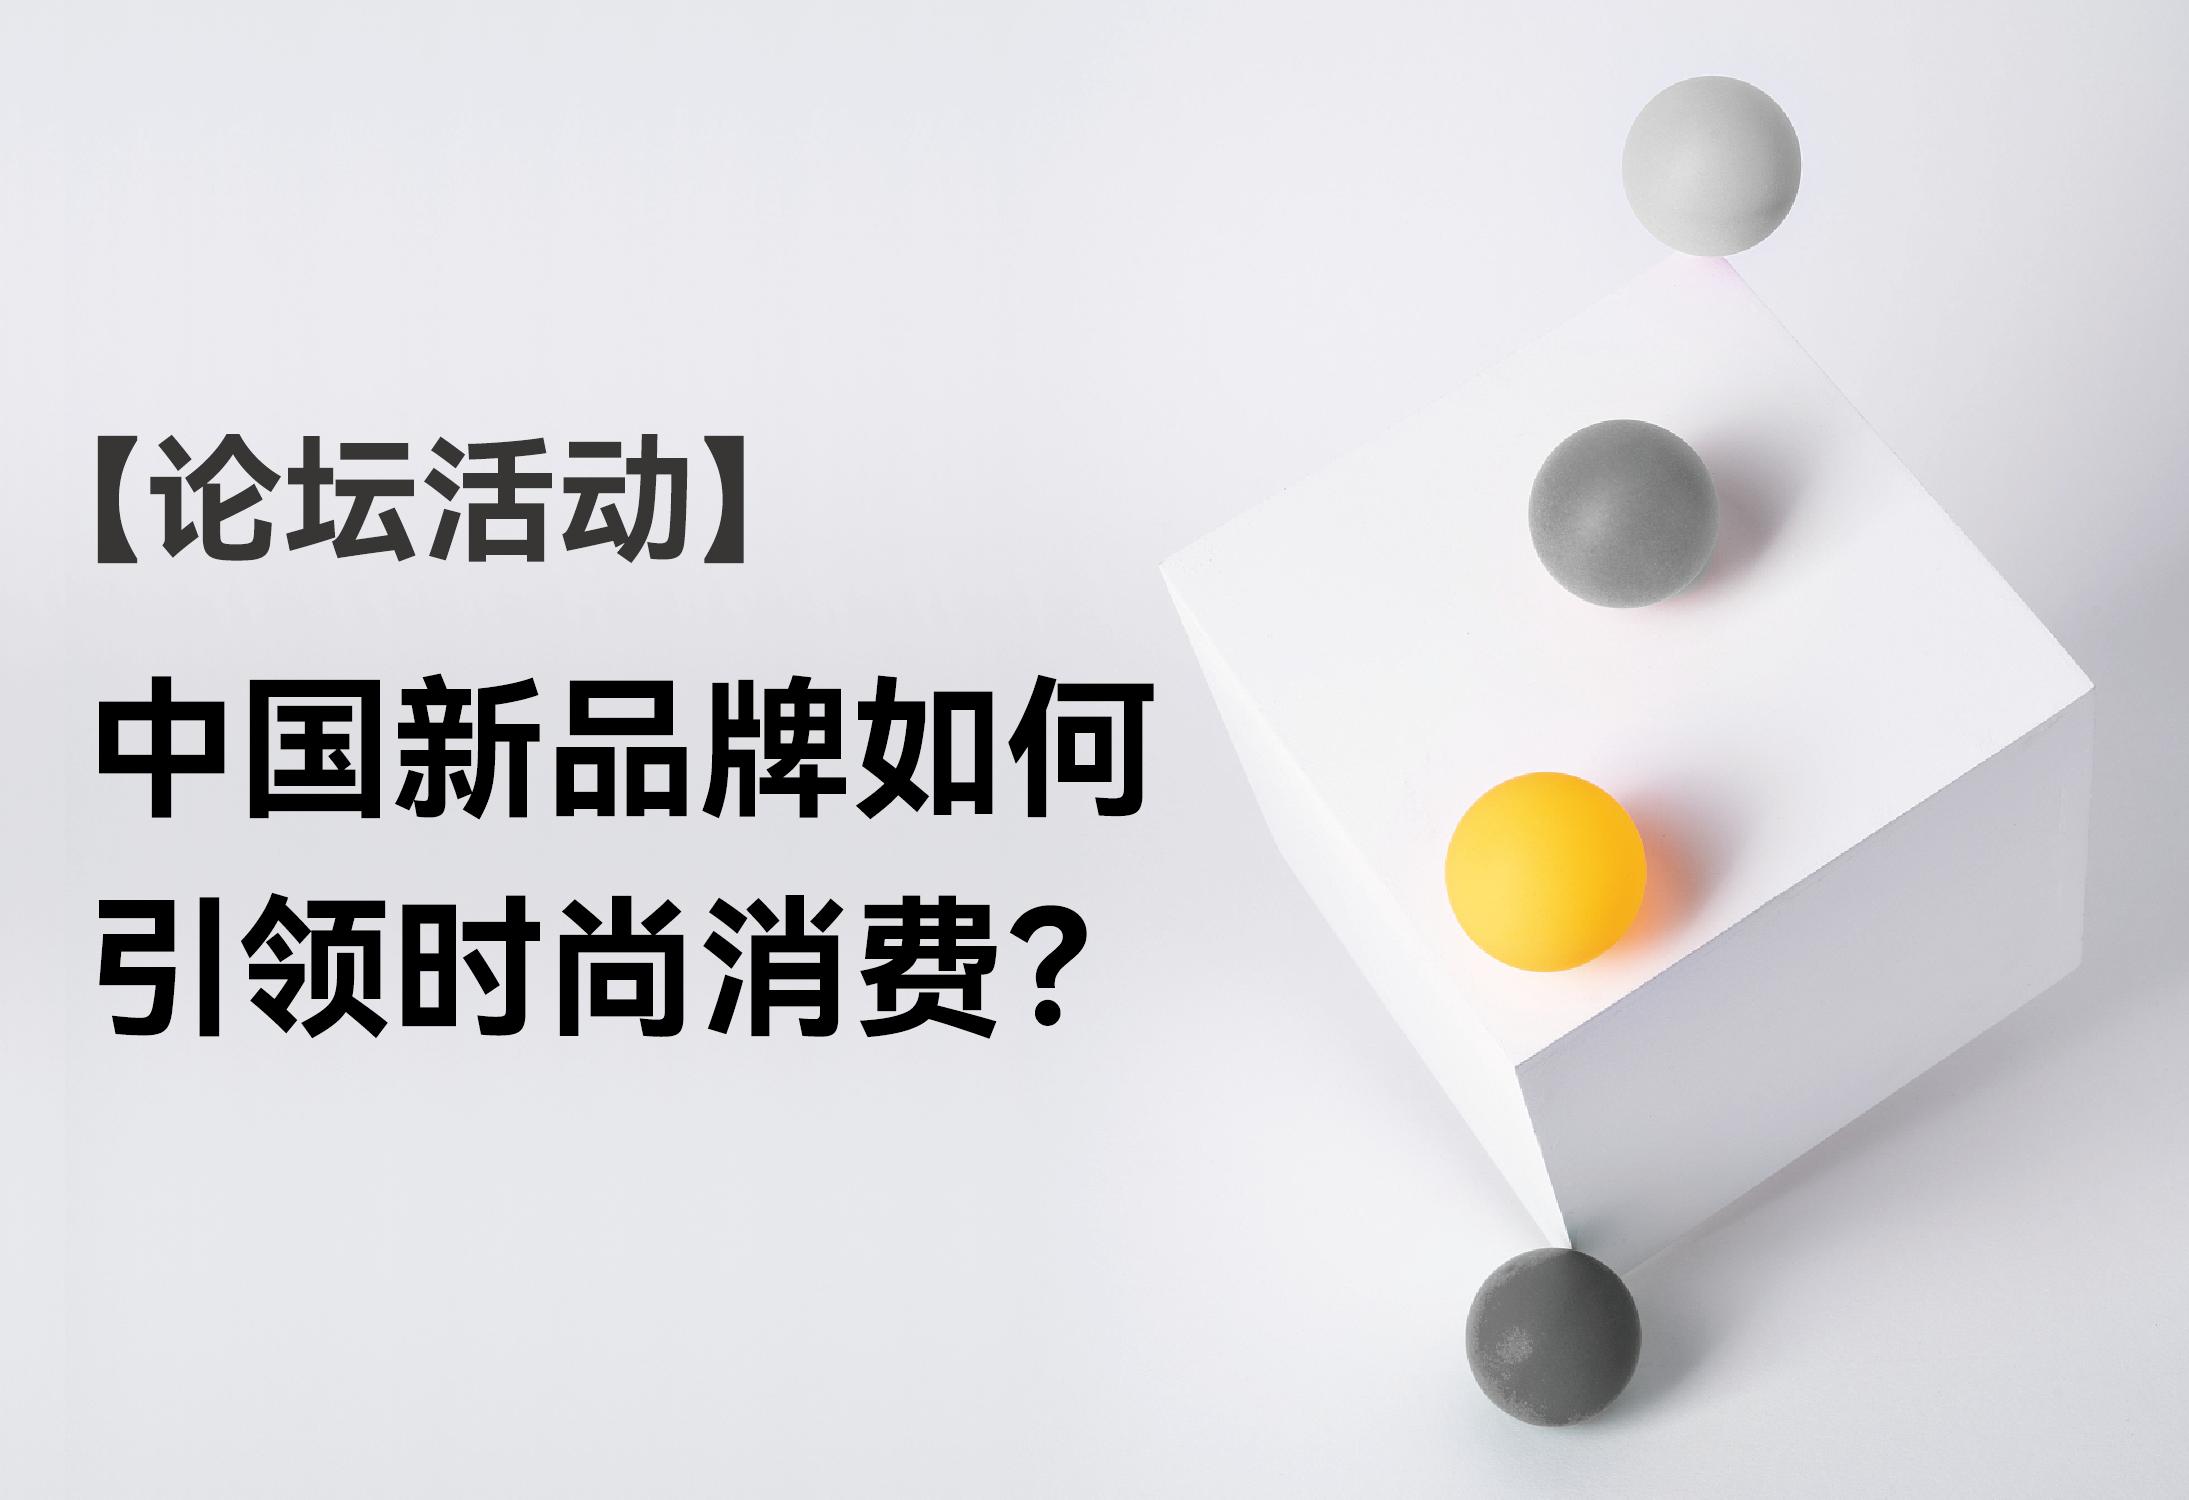 【论坛活动】中国新品牌如何引领时尚消费?《华丽志》与 CCFA 联合主办专题论坛